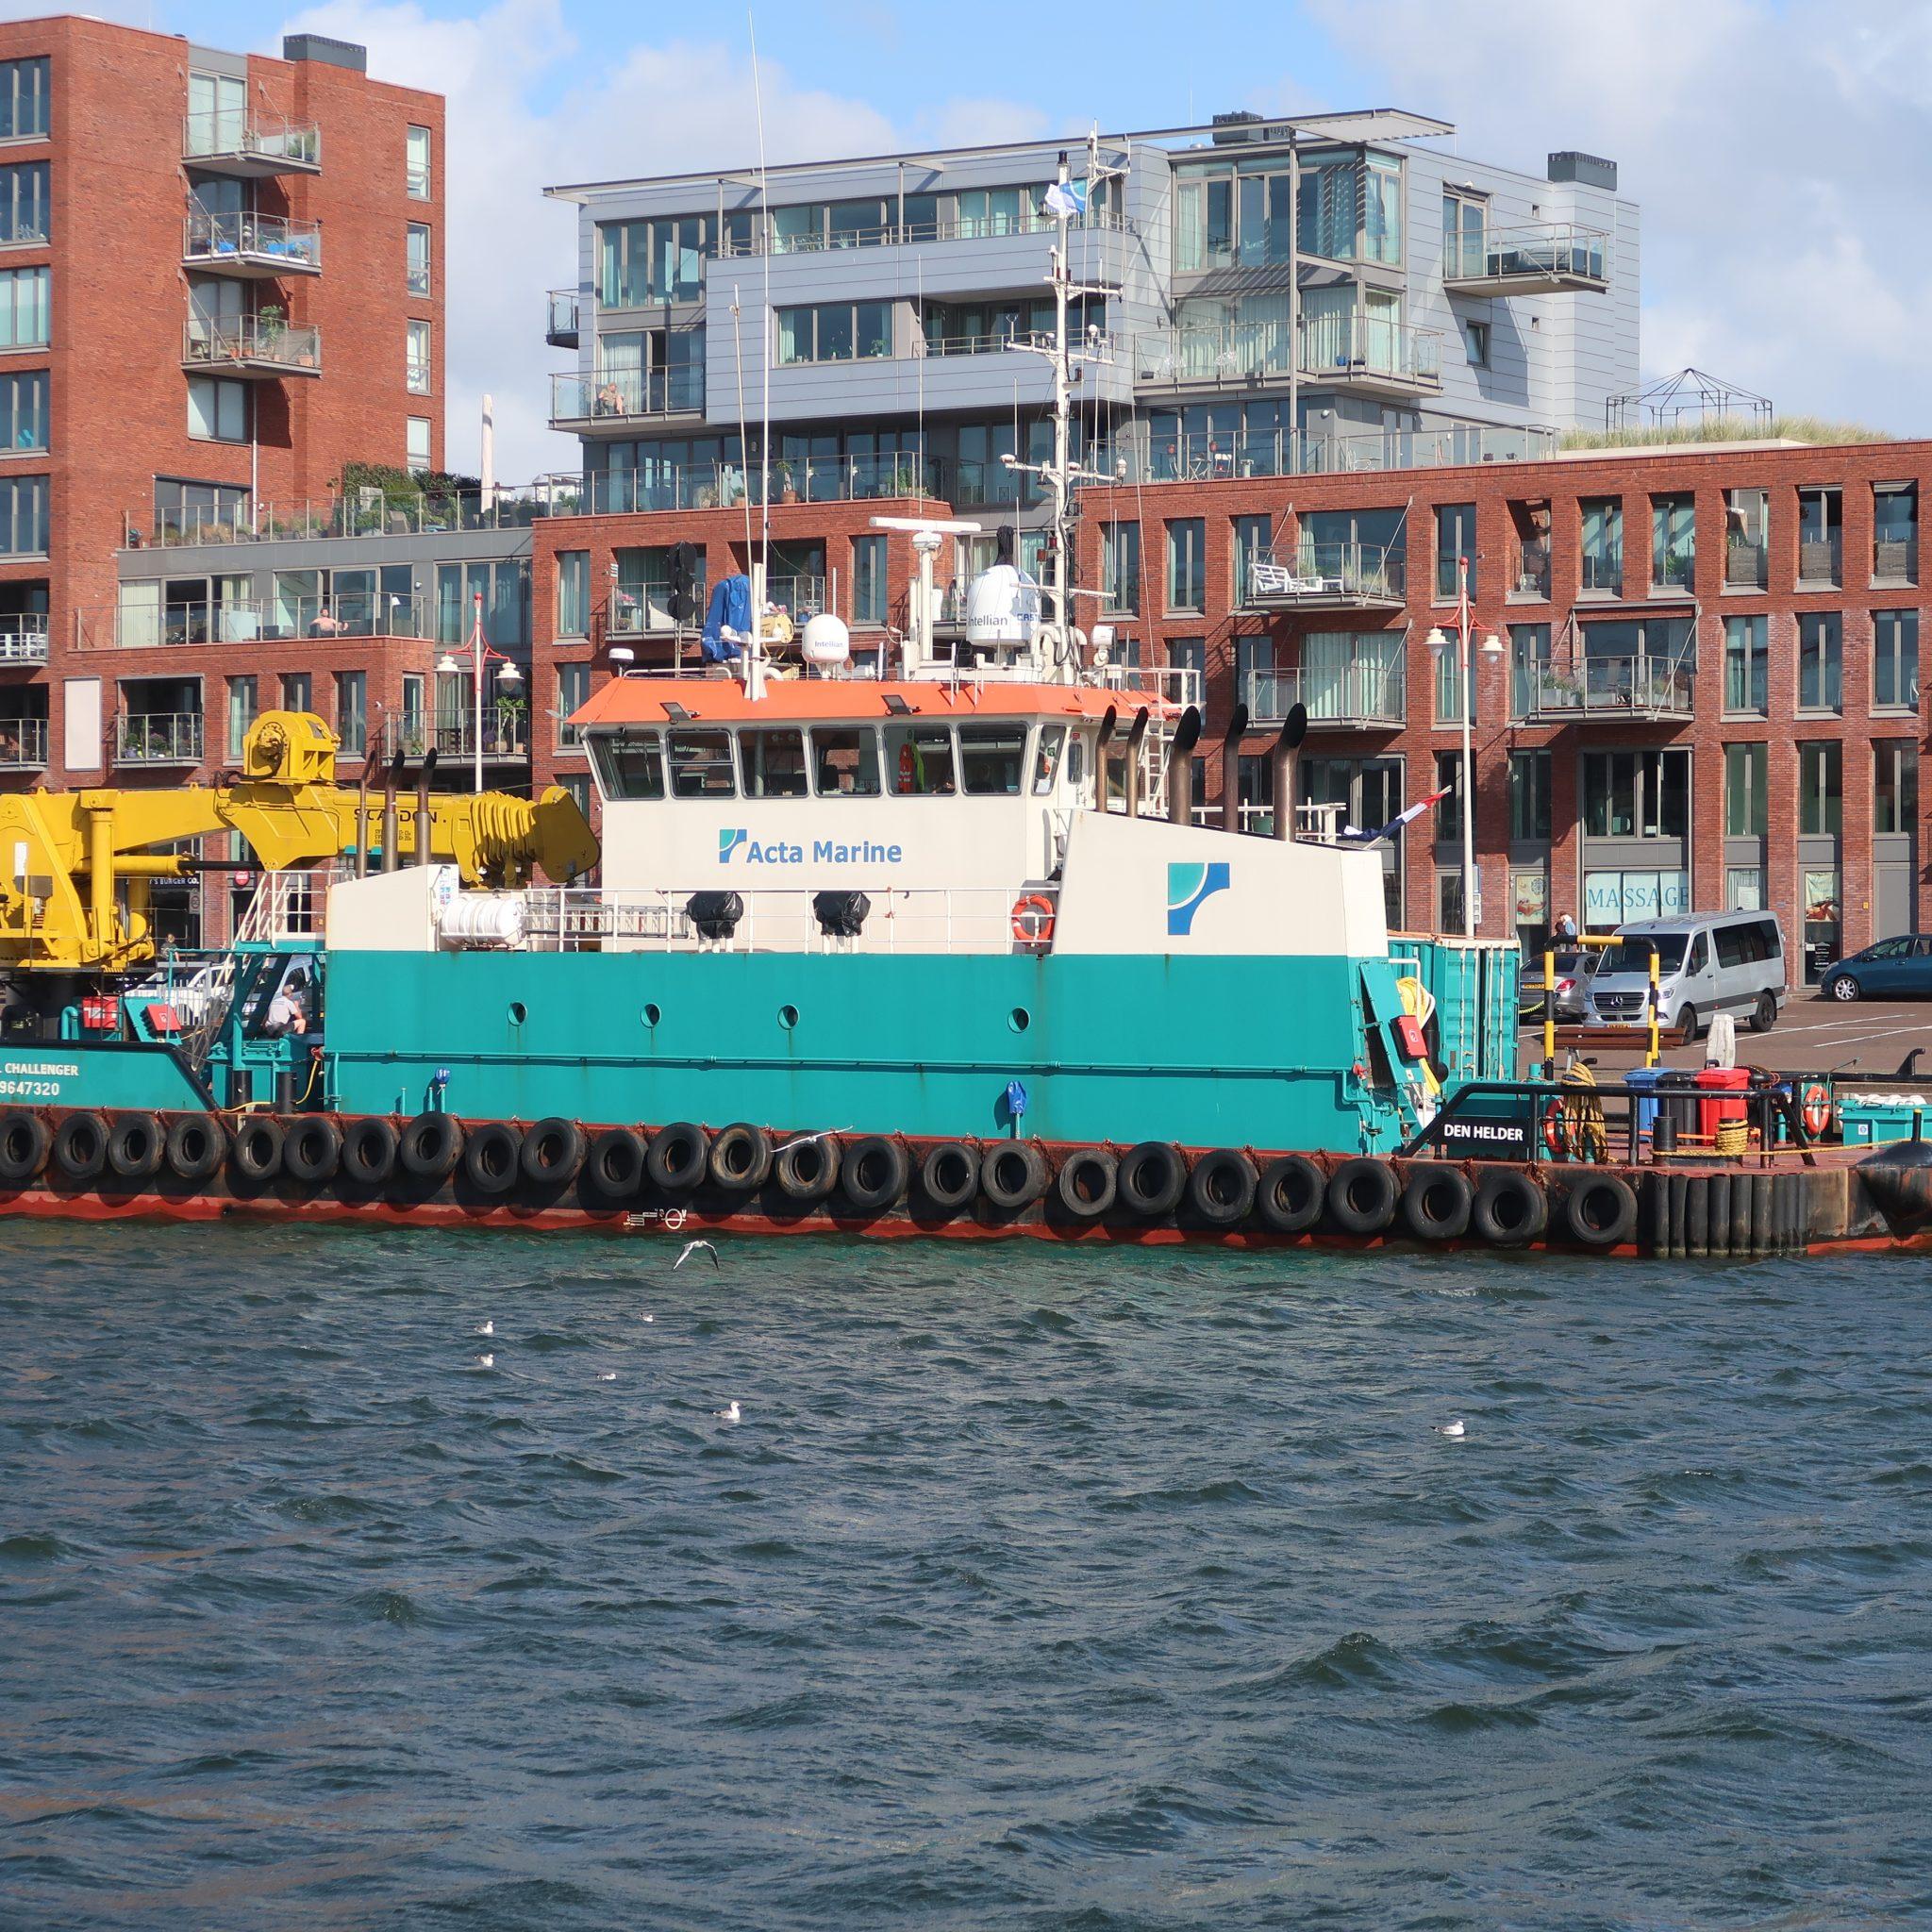 Het DP-supportvaartuig Coastal Challenger verwaaid in de haven van Scheveningen. (Foto W.M. den Heijer)